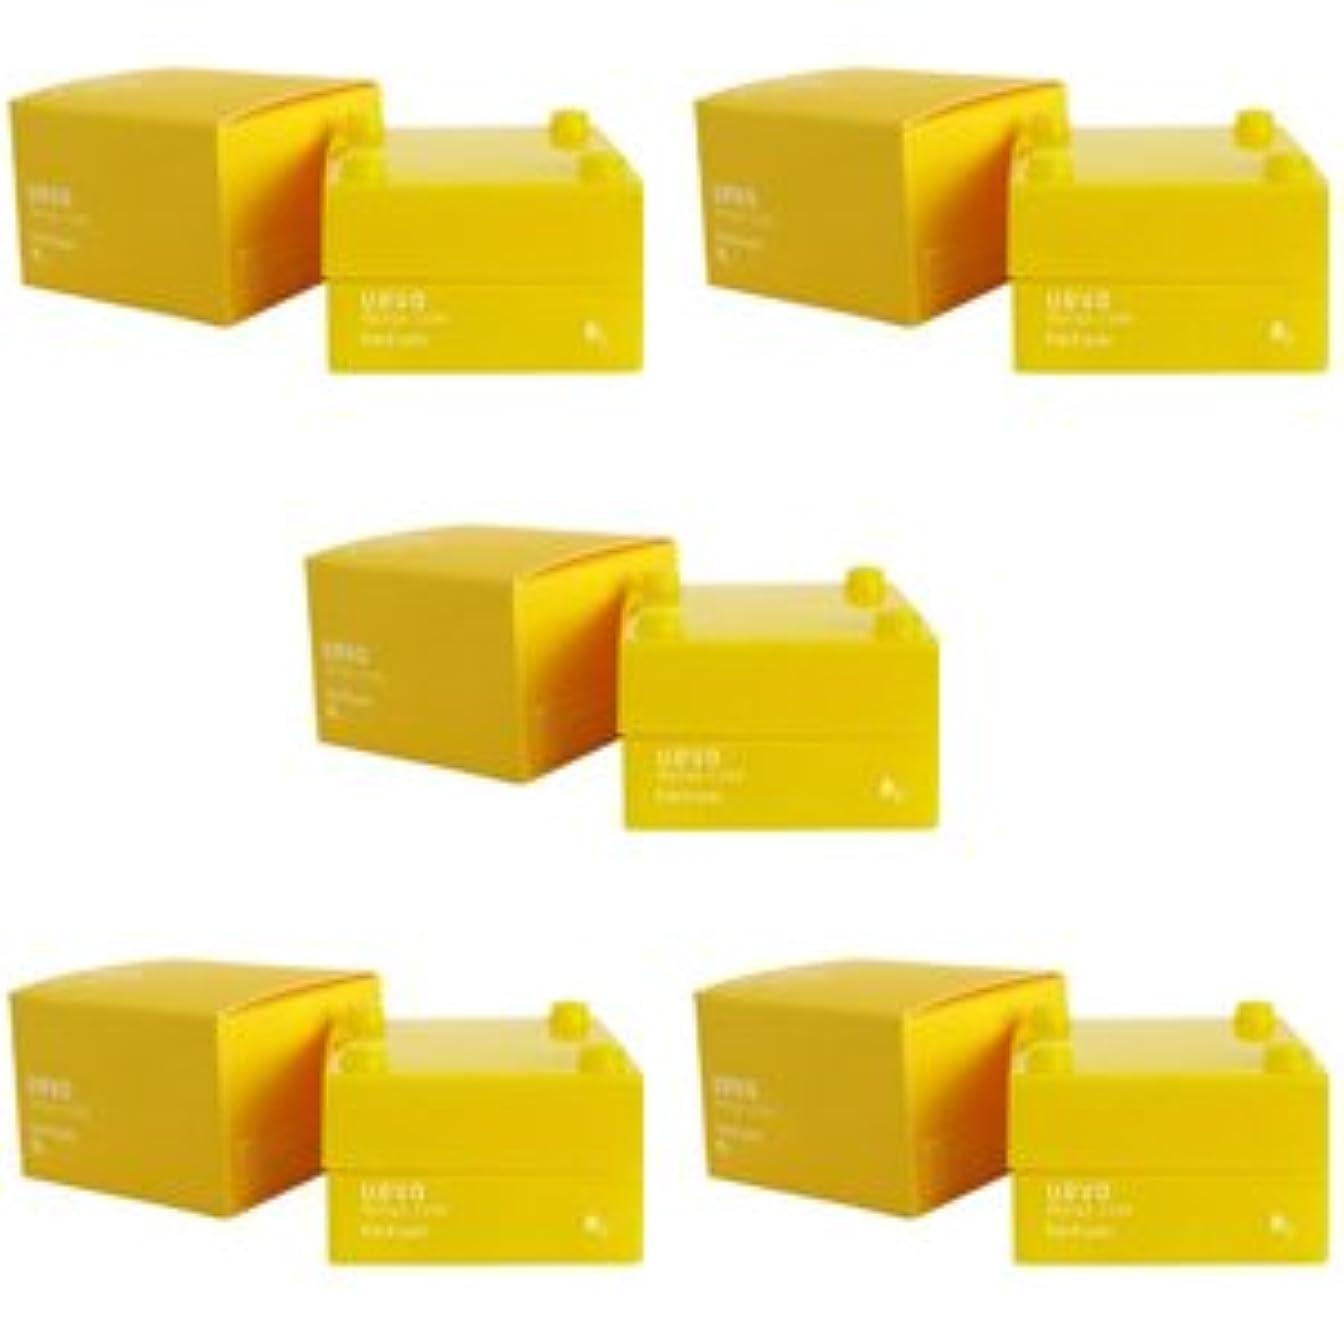 読みやすい被る百万【X5個セット】 デミ ウェーボ デザインキューブ ハードワックス 30g hard wax DEMI uevo design cube